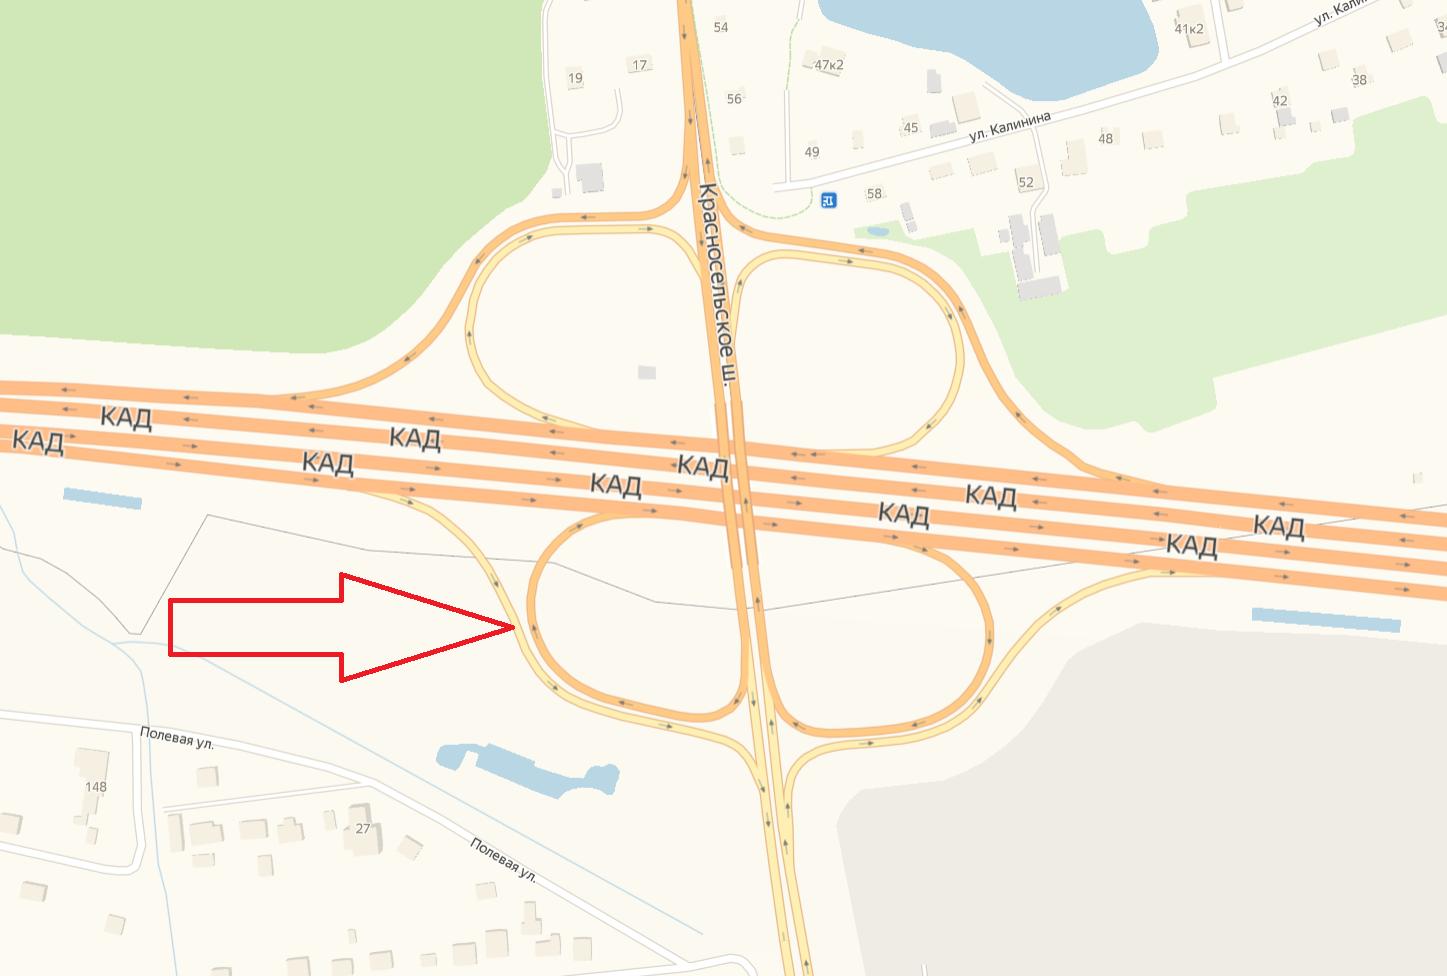 Съезд с КАД на Красносельское шоссе в сторону Песков закроют на пять дней (Иллюстрация 1 из 1) (Фото: ФКУ Упрдор «Северо-Запад»)